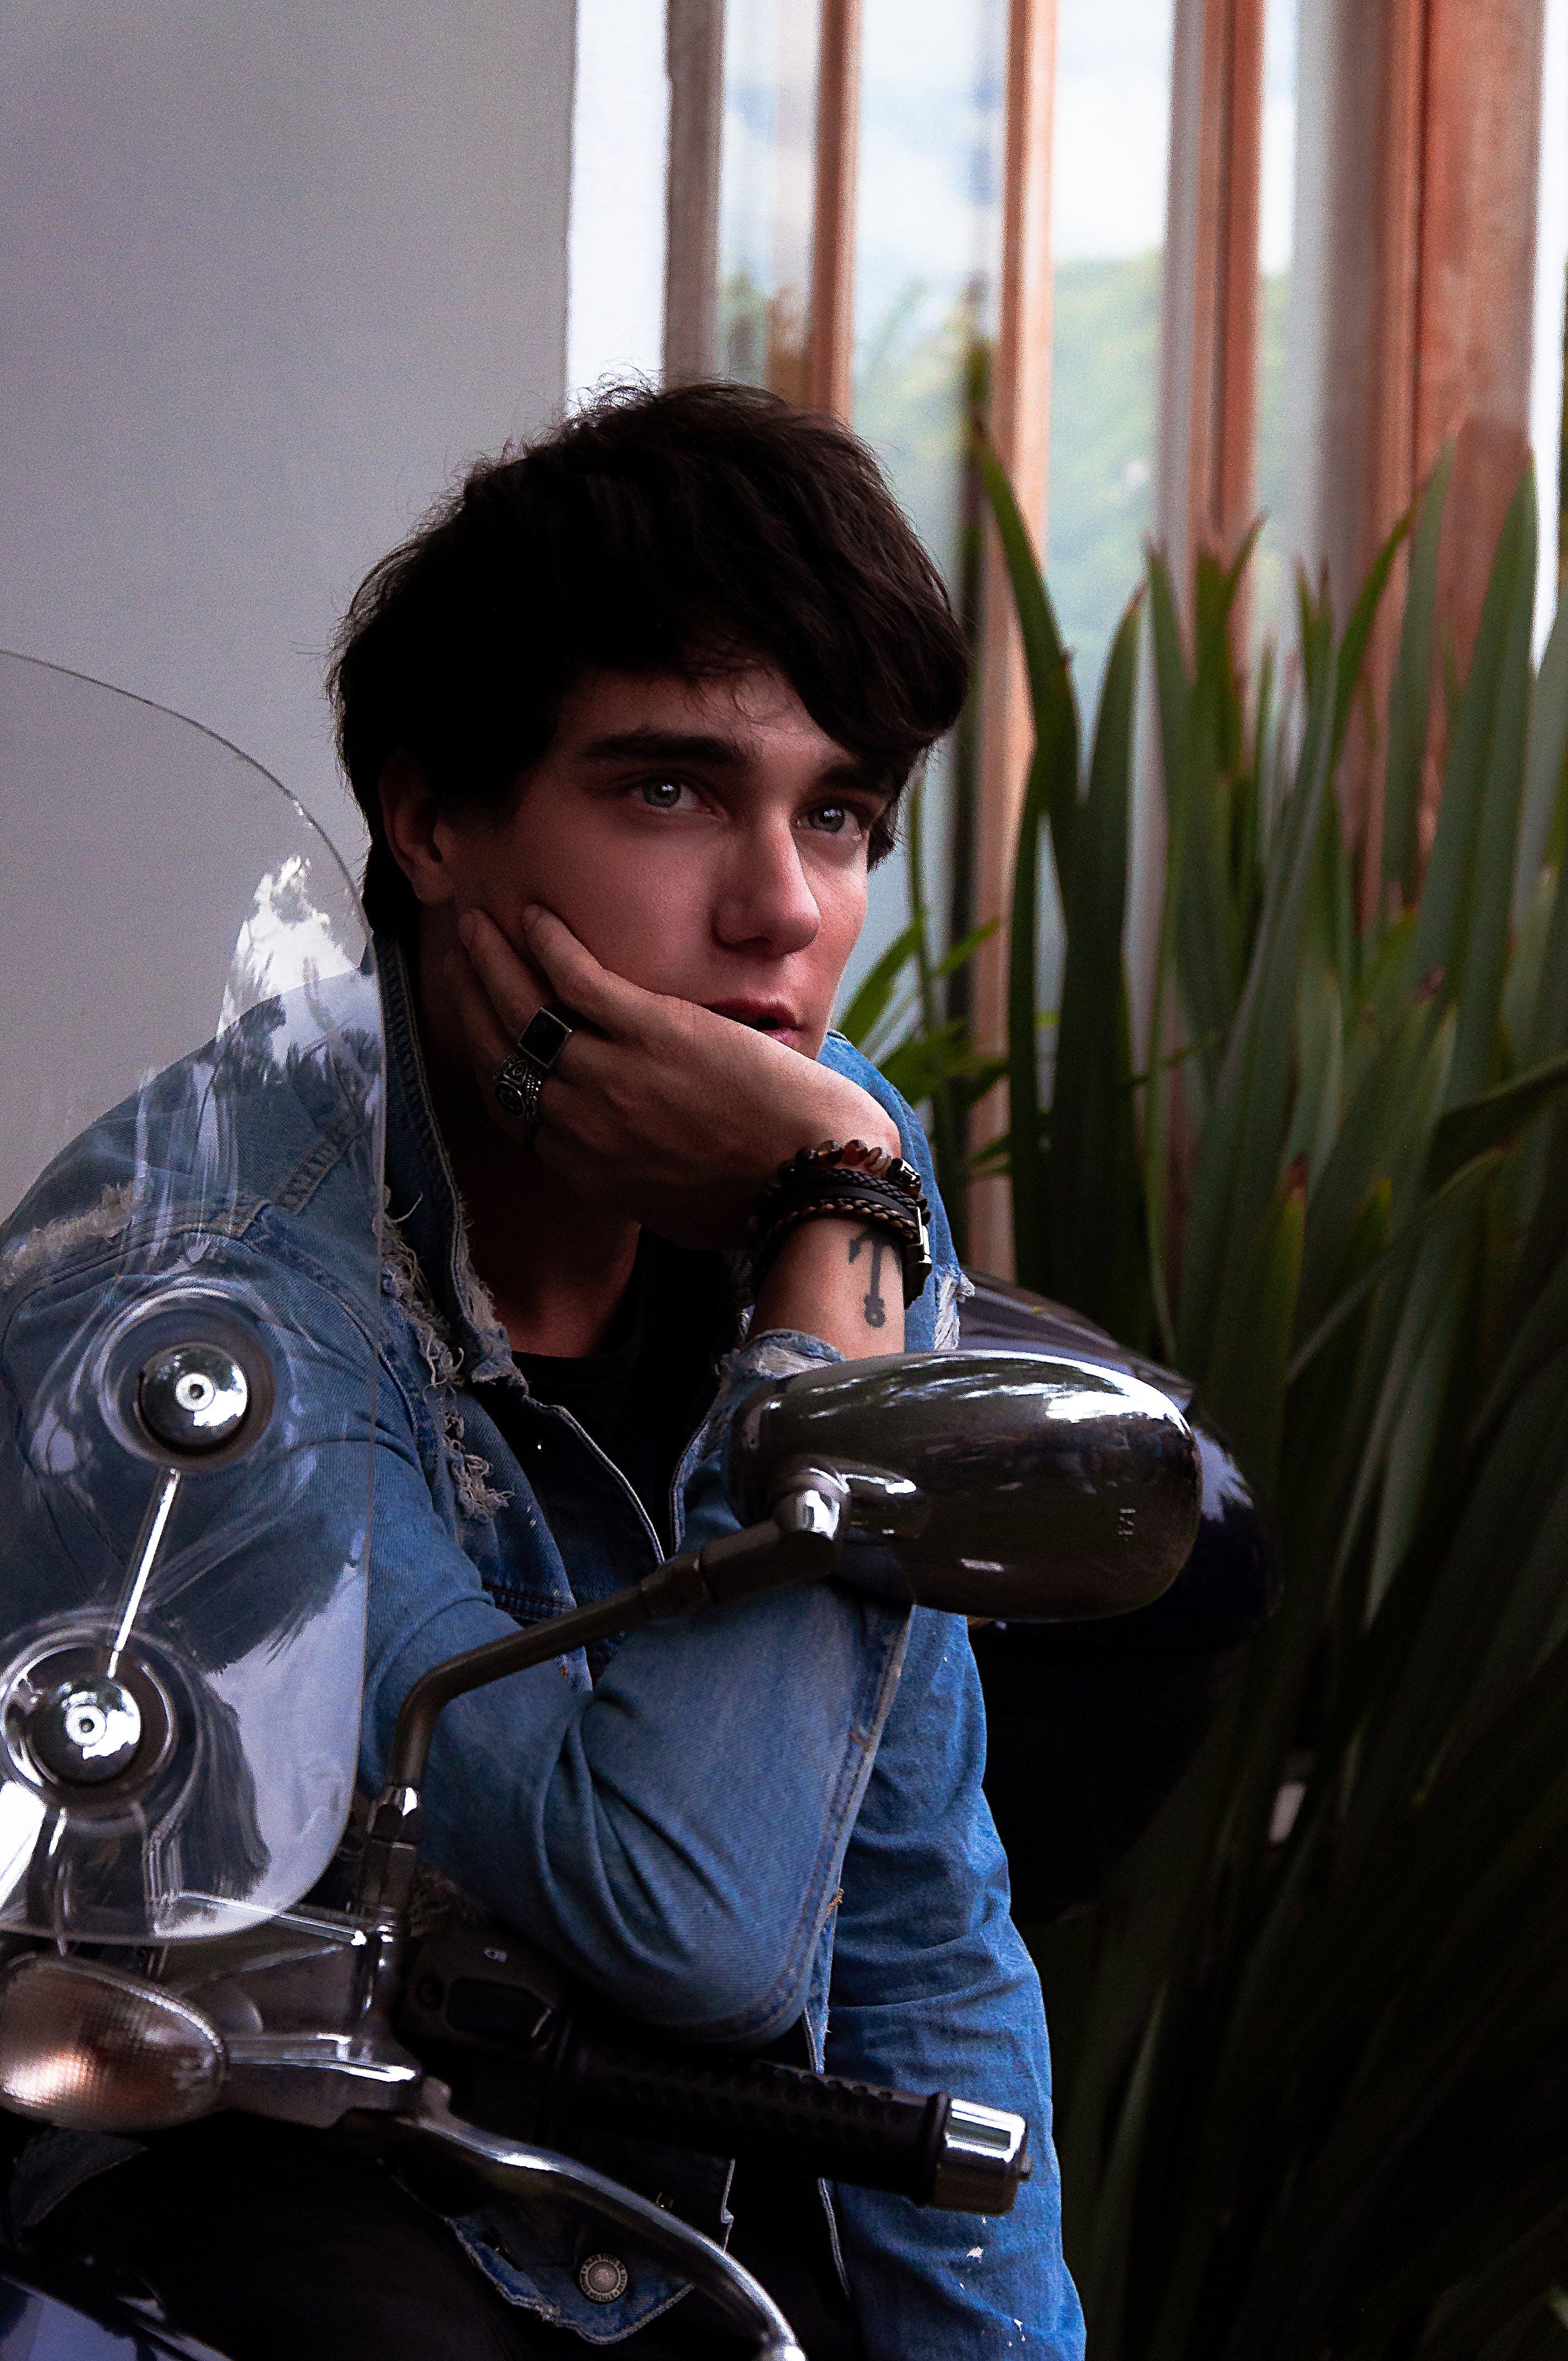 おとこ, オートバイ, サイドミラー, ジージャンの無料の写真素材